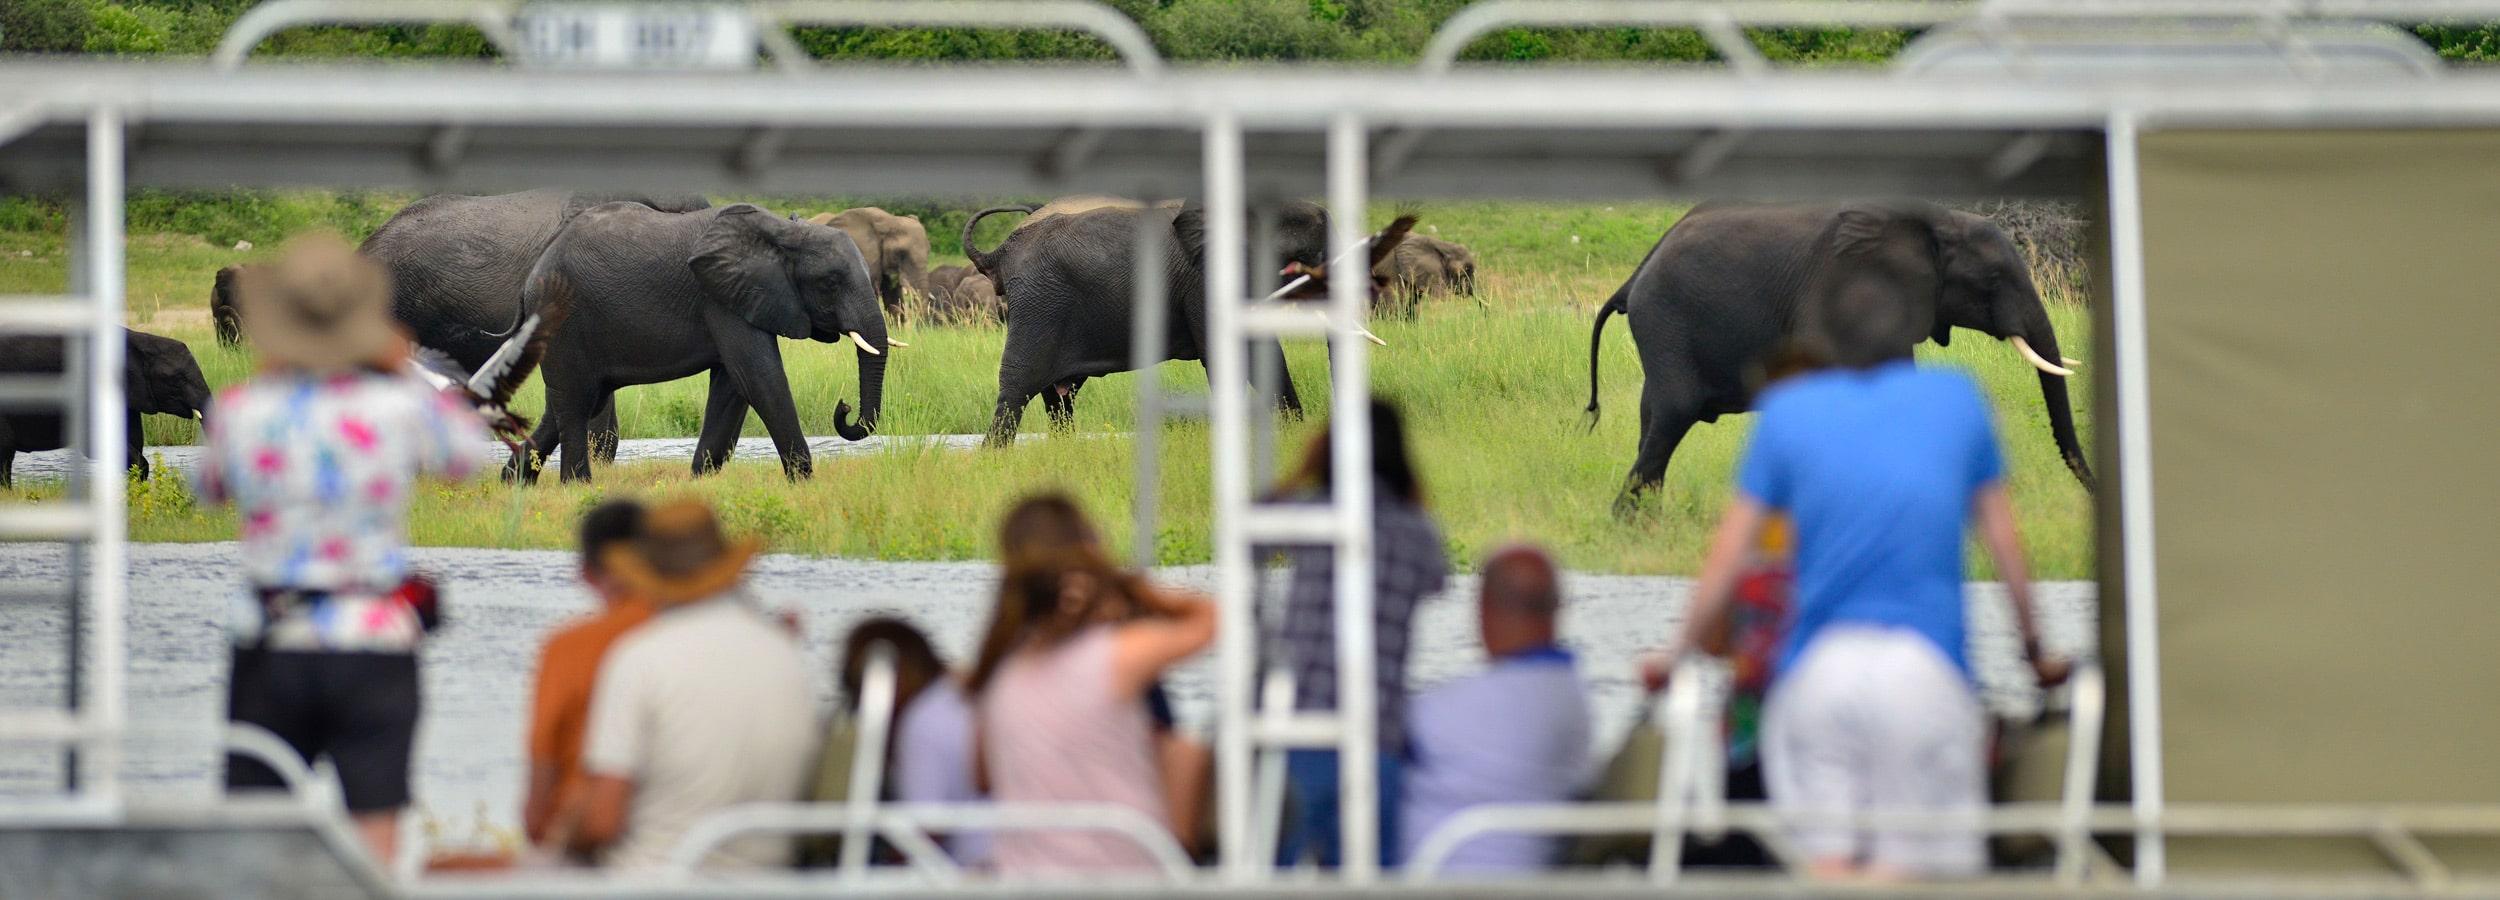 Safari mit besten Aussichten versprechen Flusskreuzfahrt-Incentives auf dem Sambesi River in Botswana.